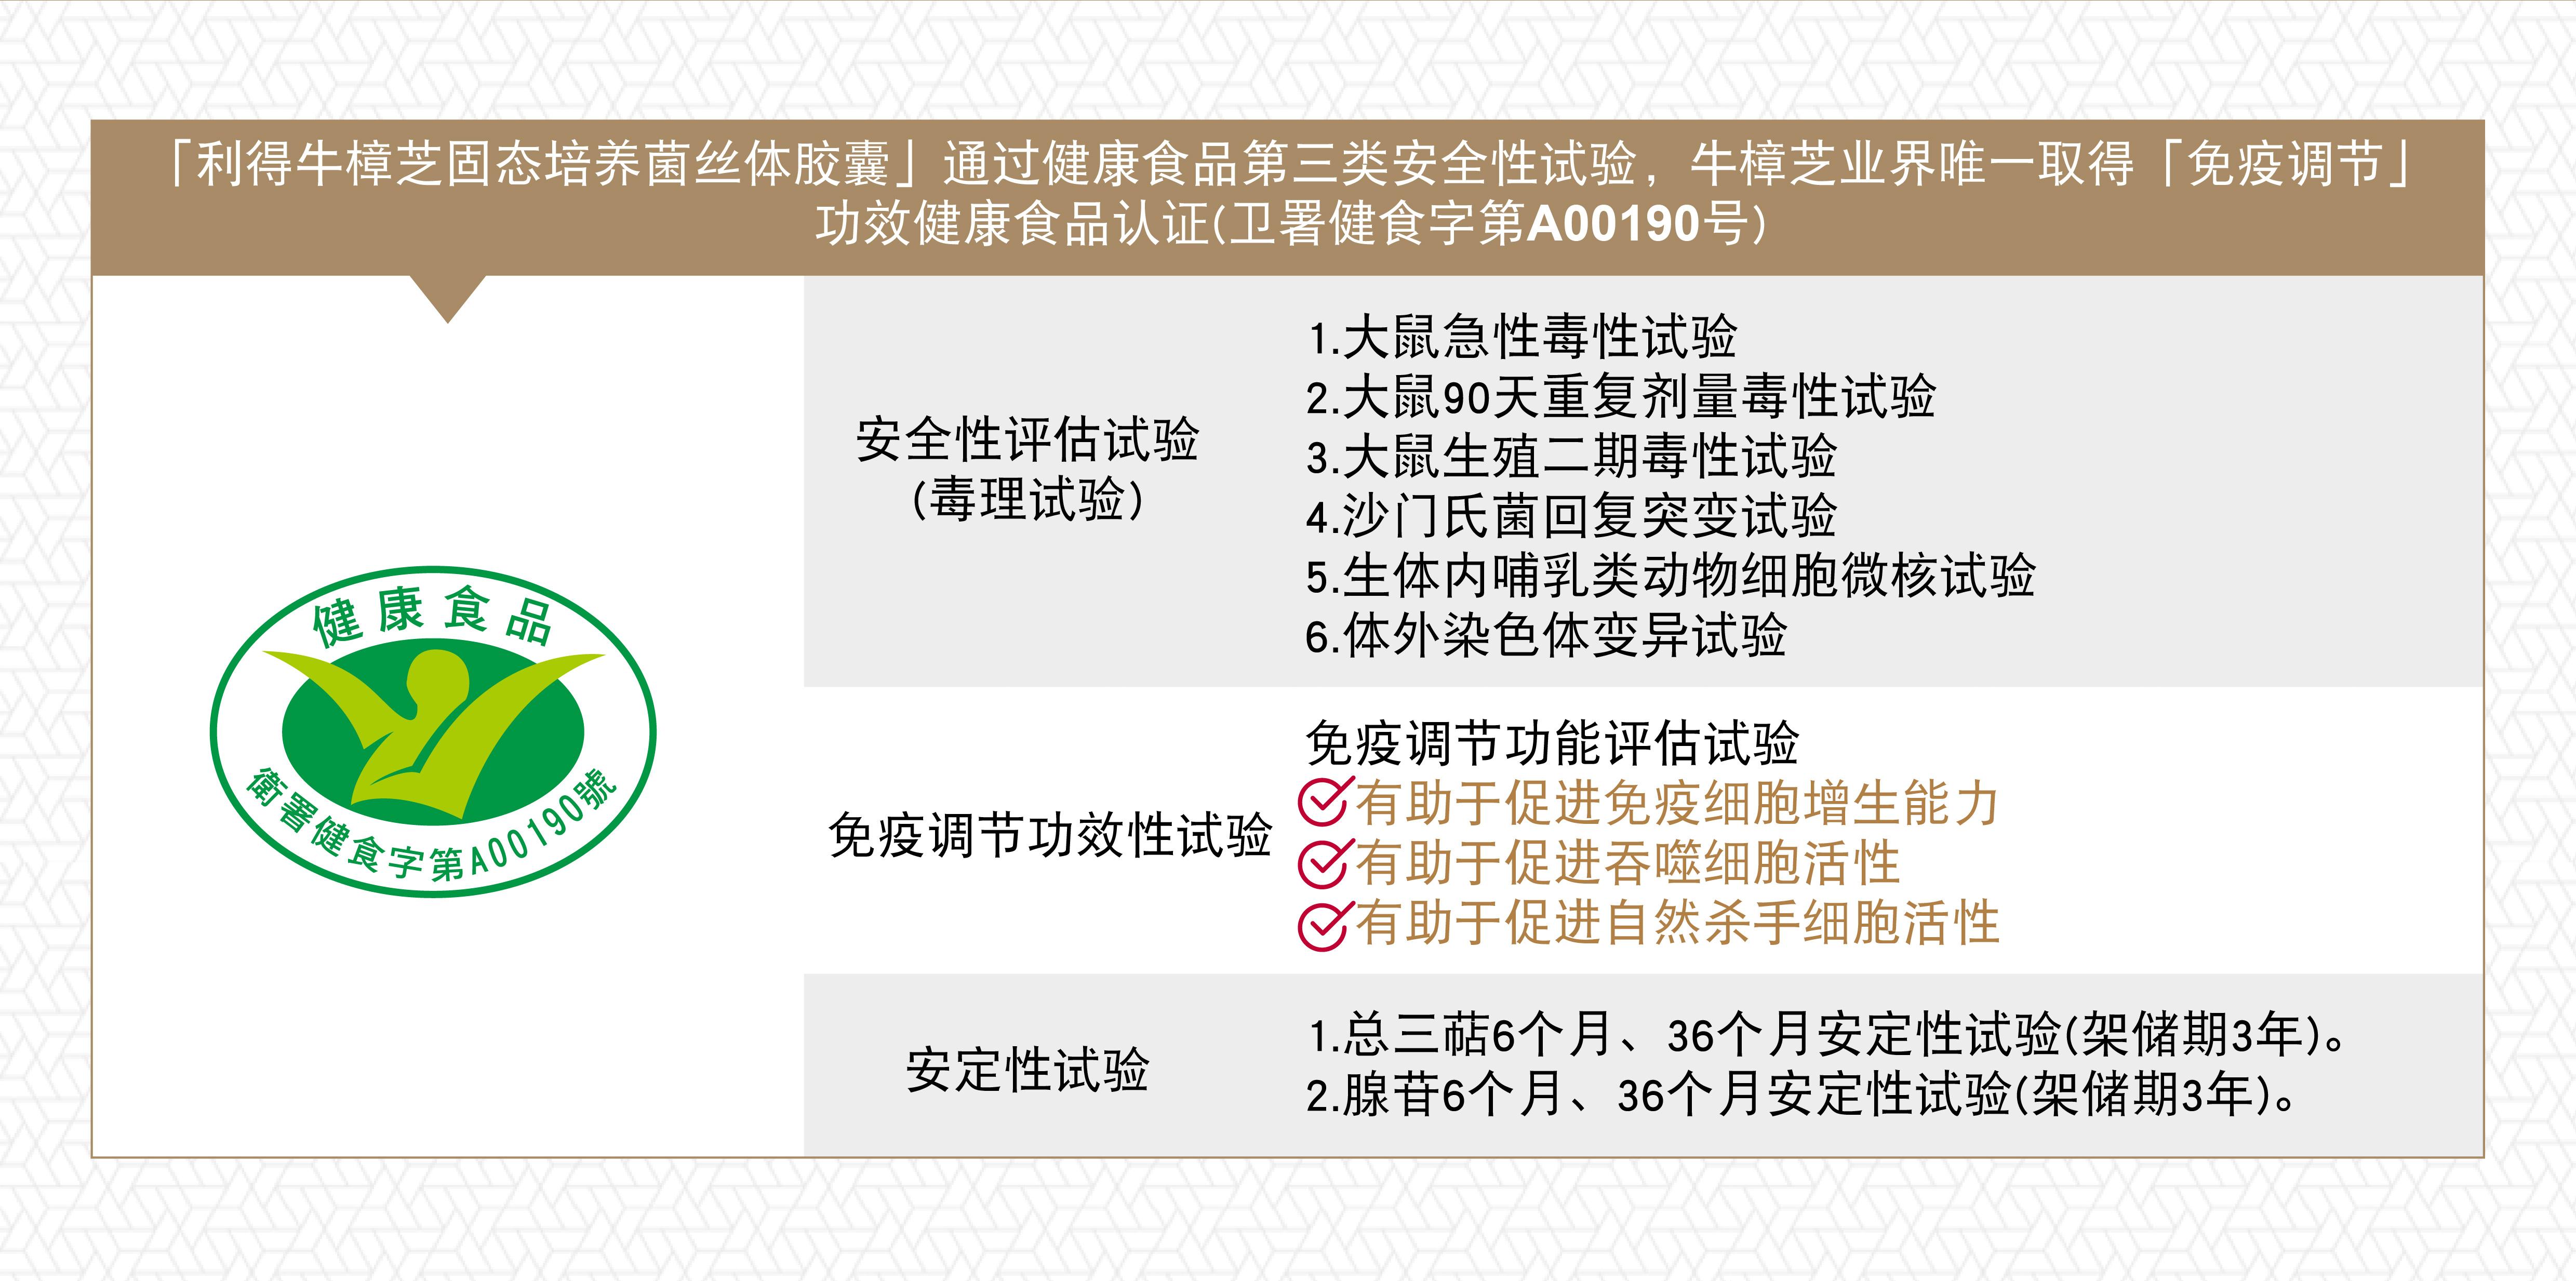 專業認證及安全保證(更新)-簡0417_健牛-健康食品